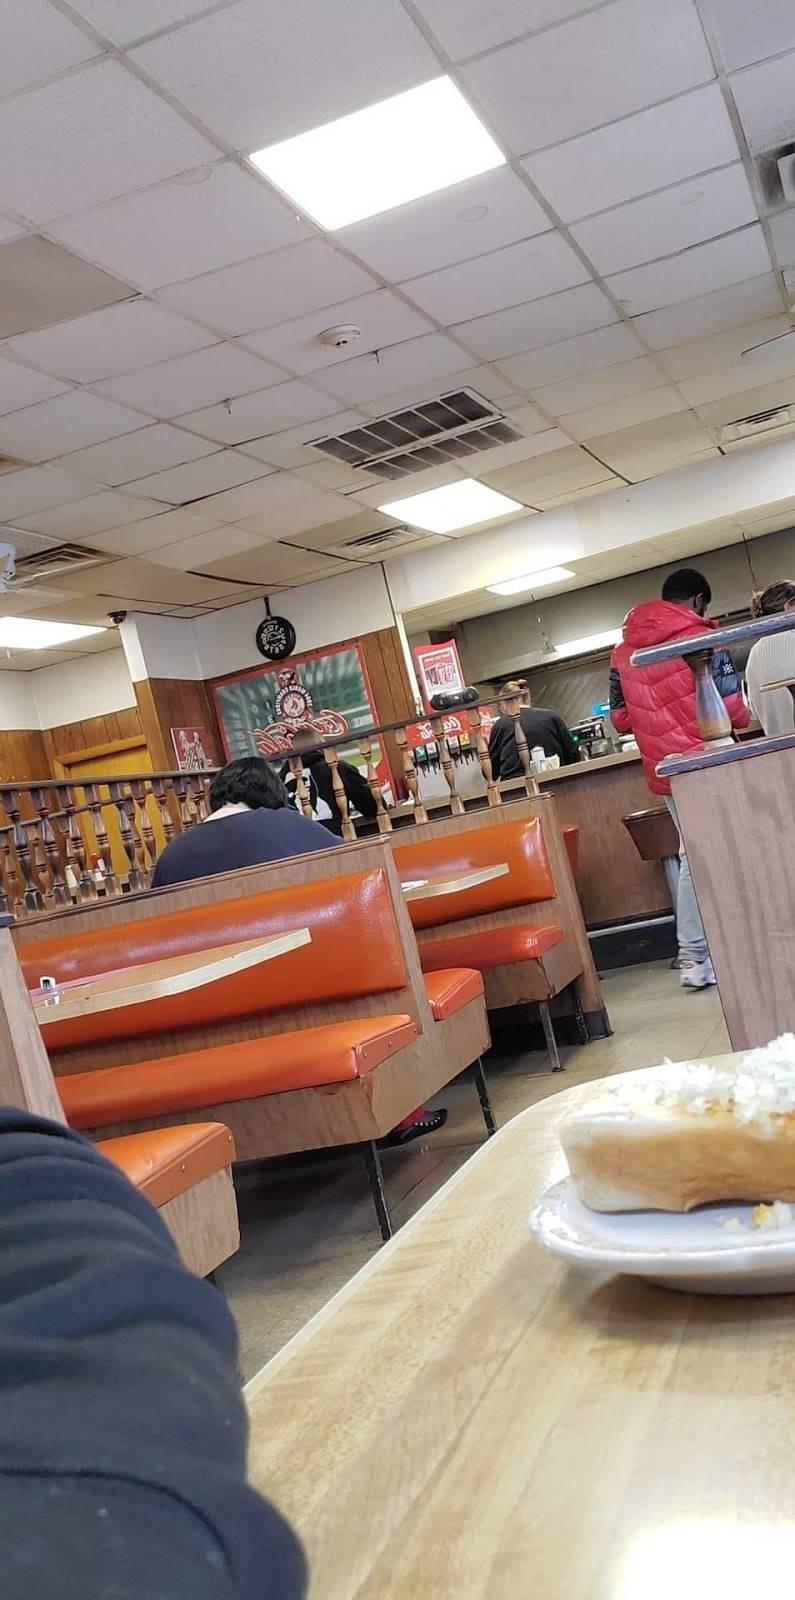 Sparkeys Restaurant | restaurant | 548 Dexter St, Central Falls, RI 02863, USA | 4017269086 OR +1 401-726-9086